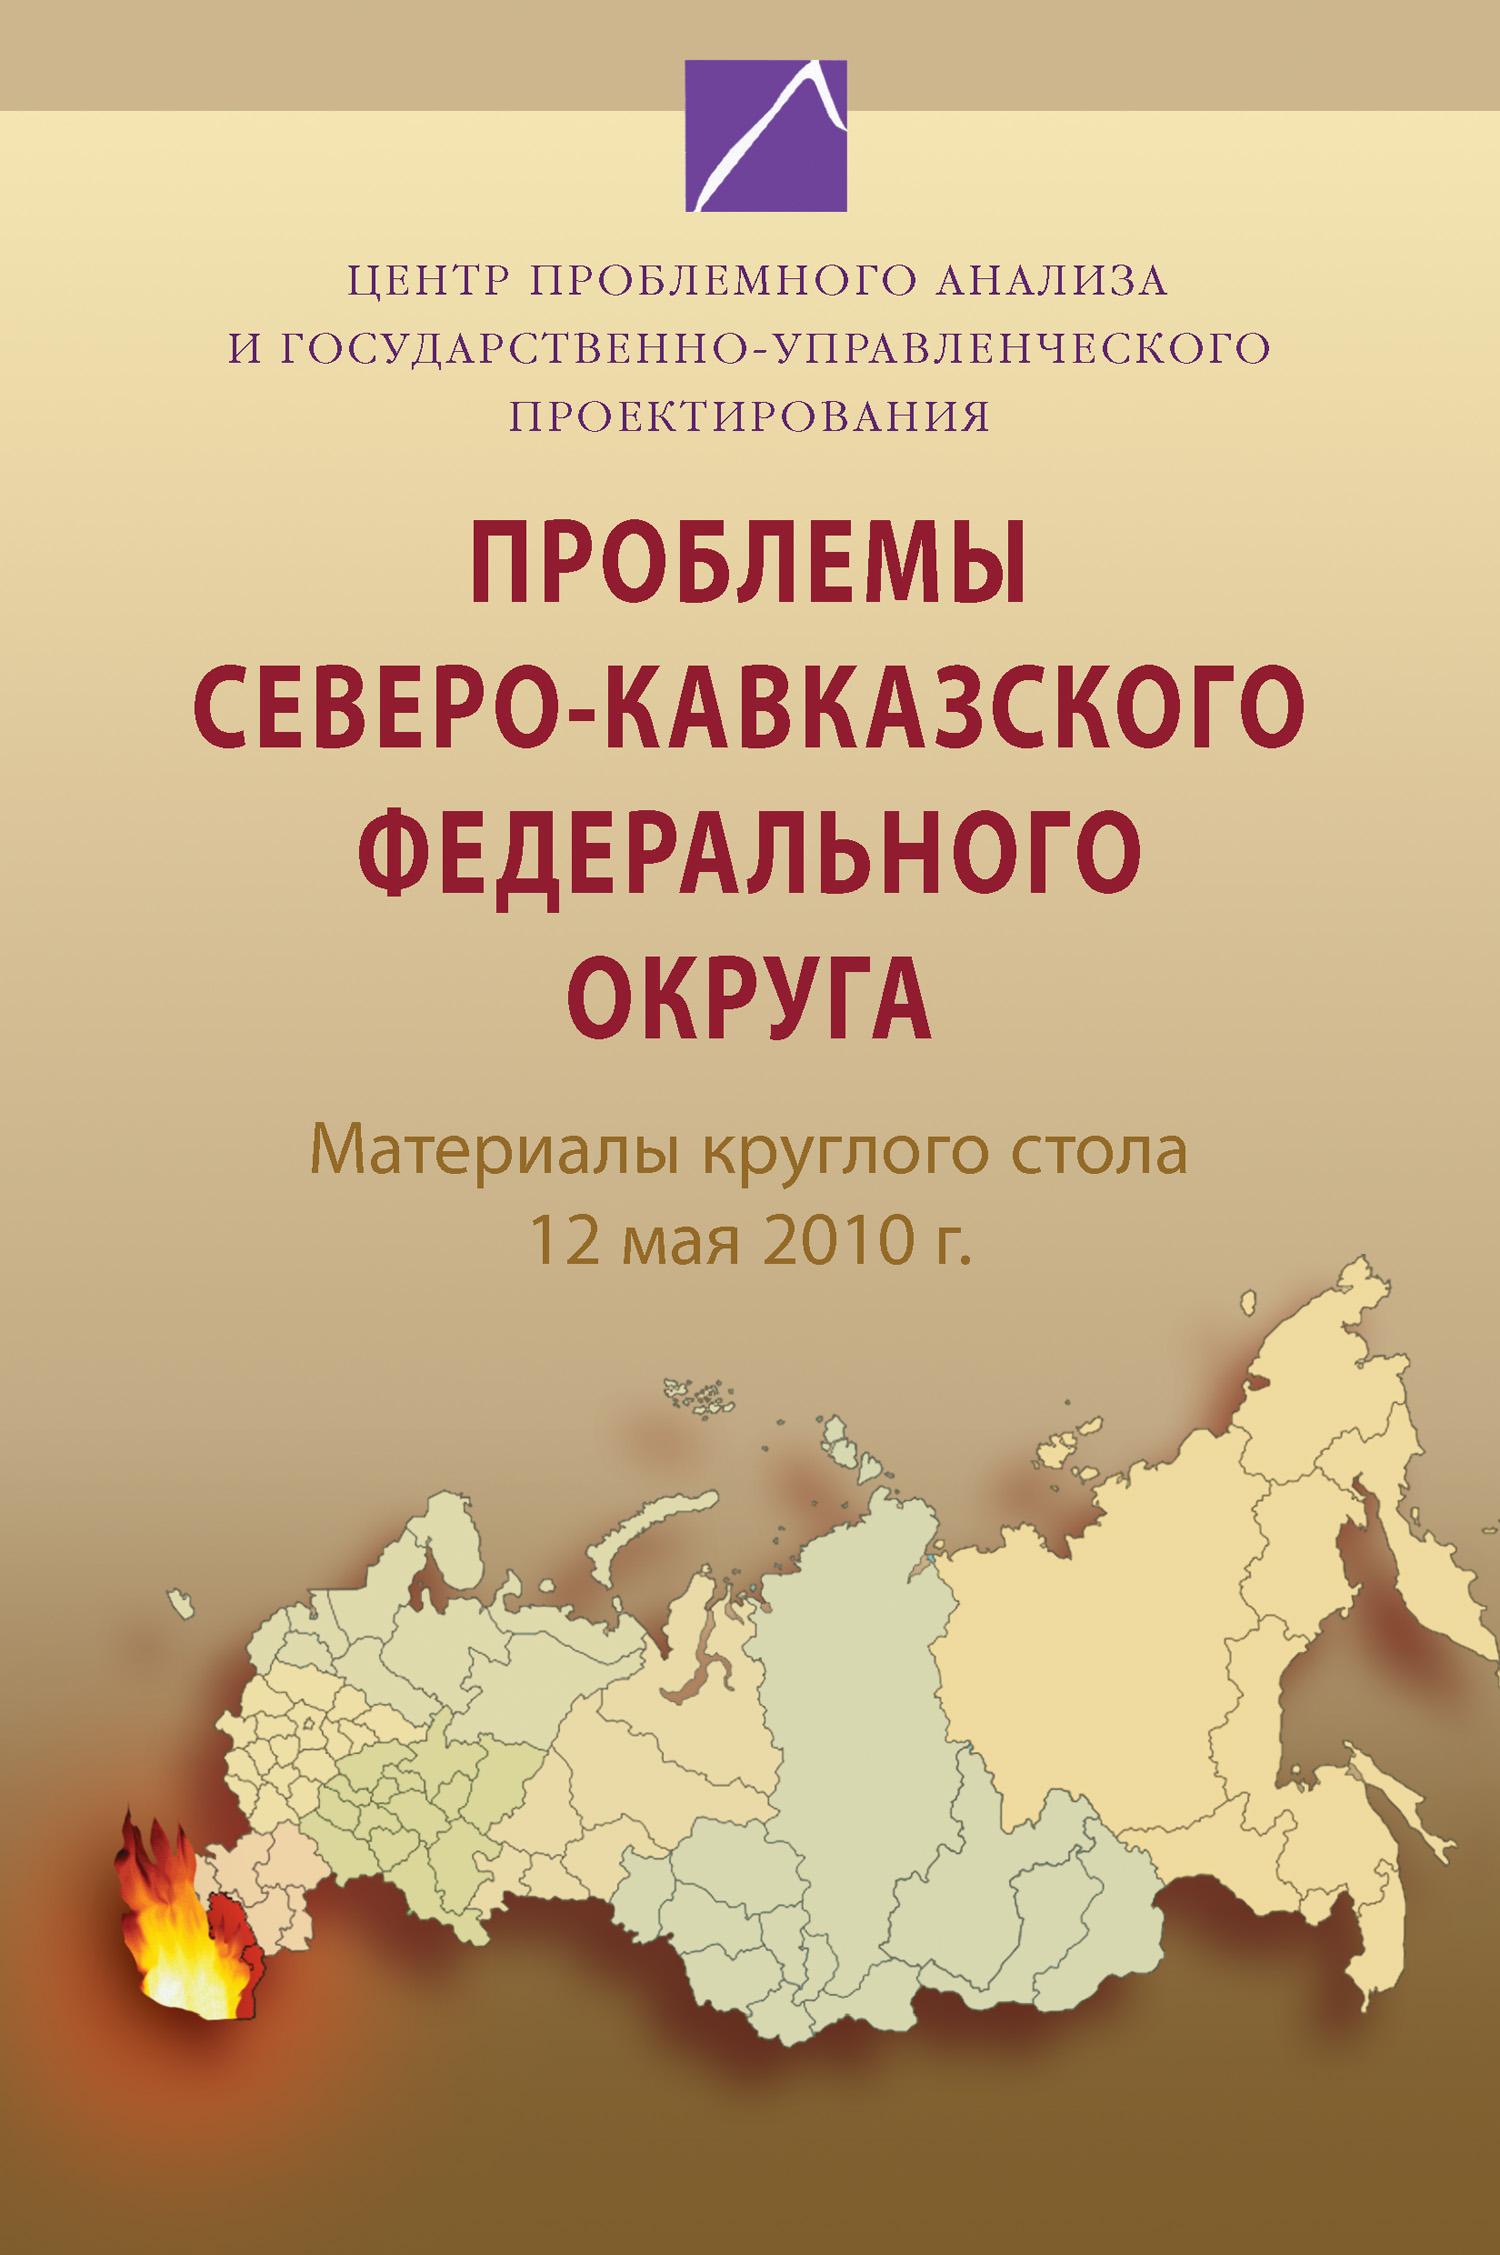 Проблемы Северо-Кавказского федерального округа. Материалы круглого стола